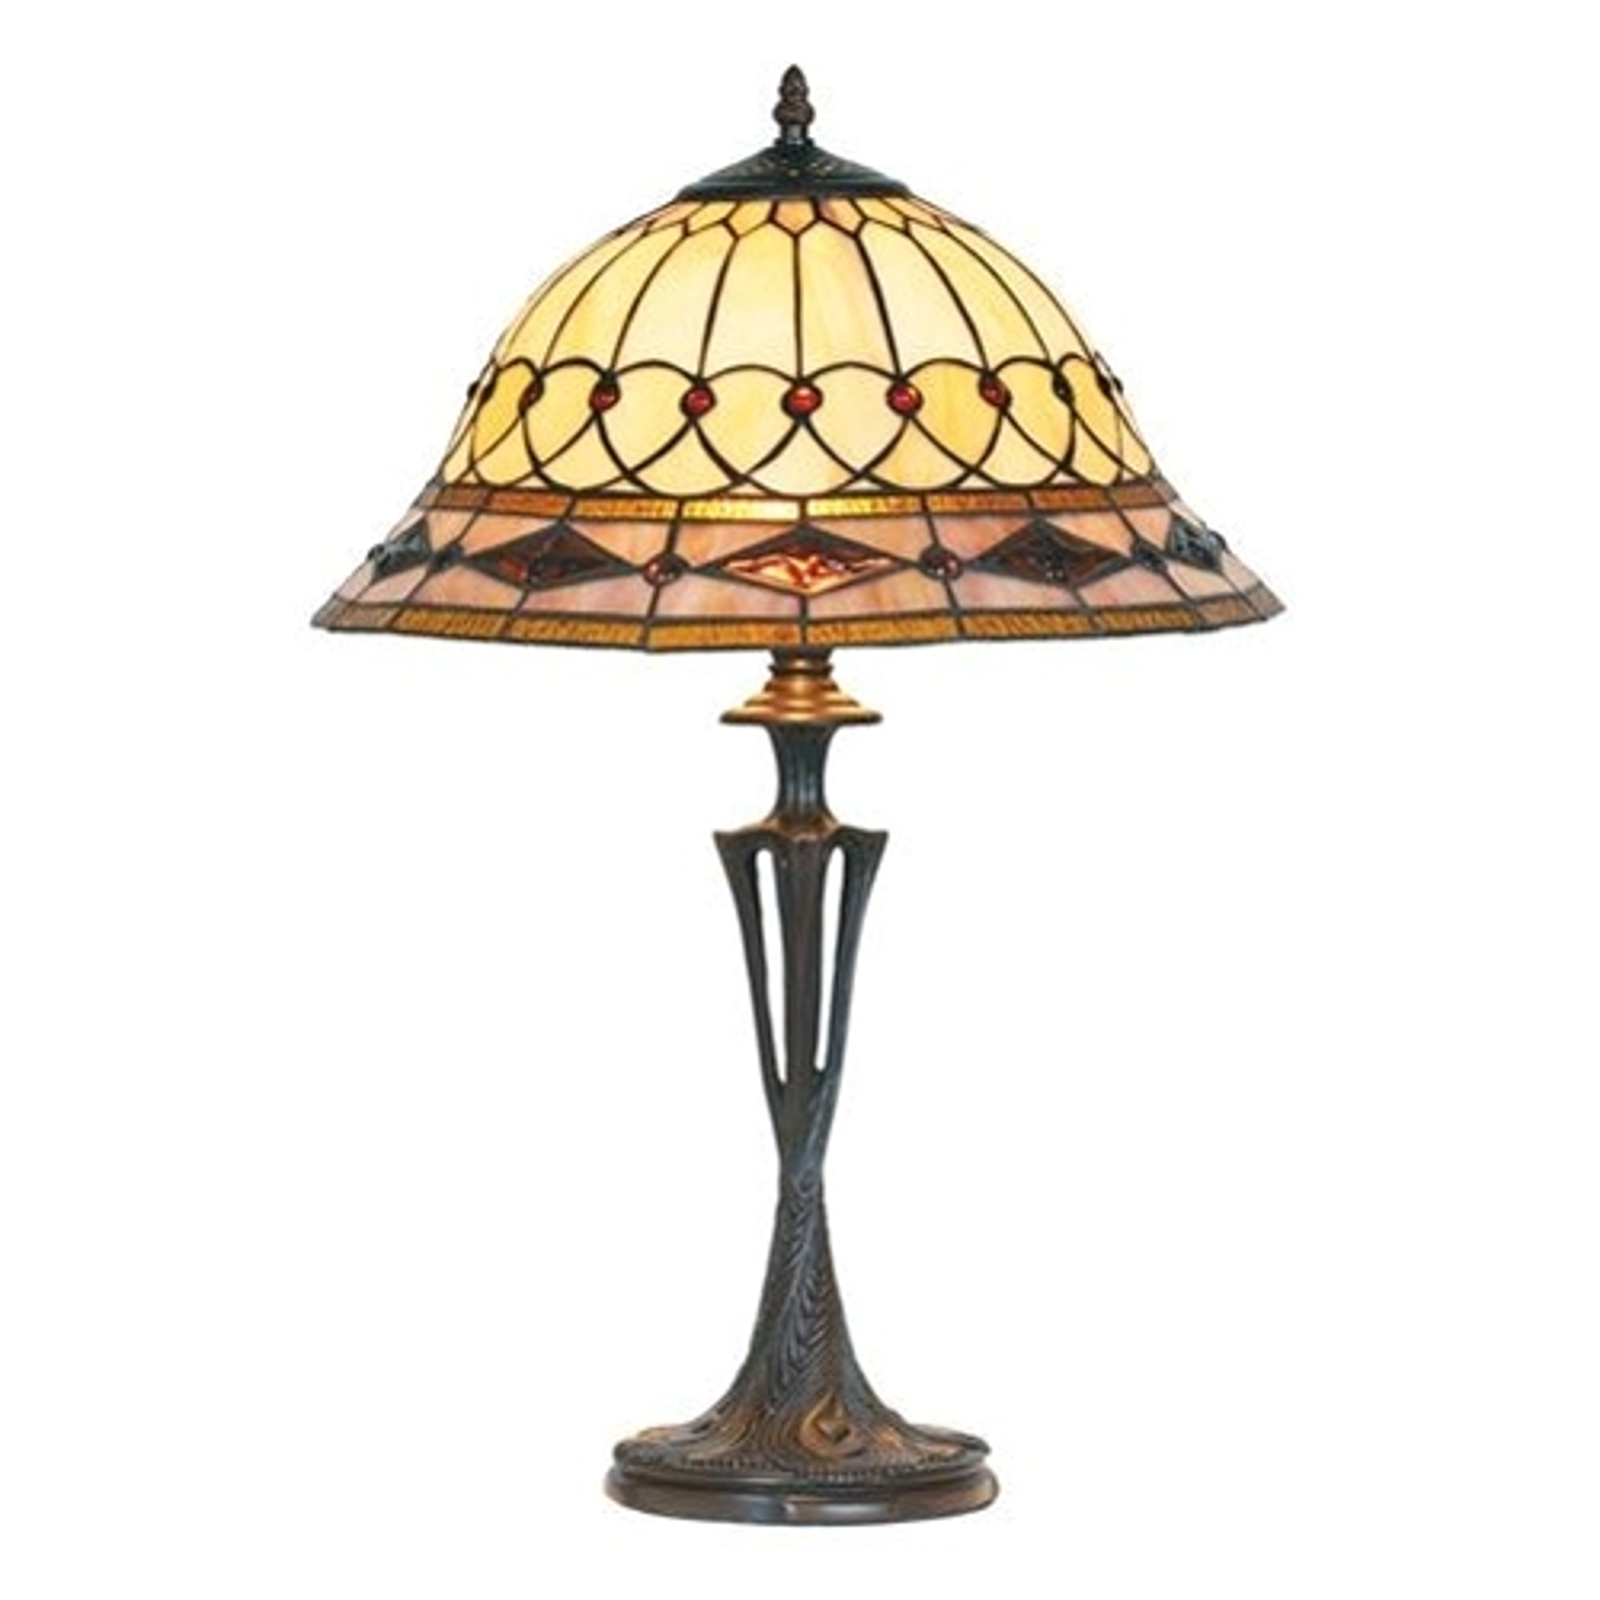 Lampa stołowa Kassandra w stylu Tiffany, 59 cm